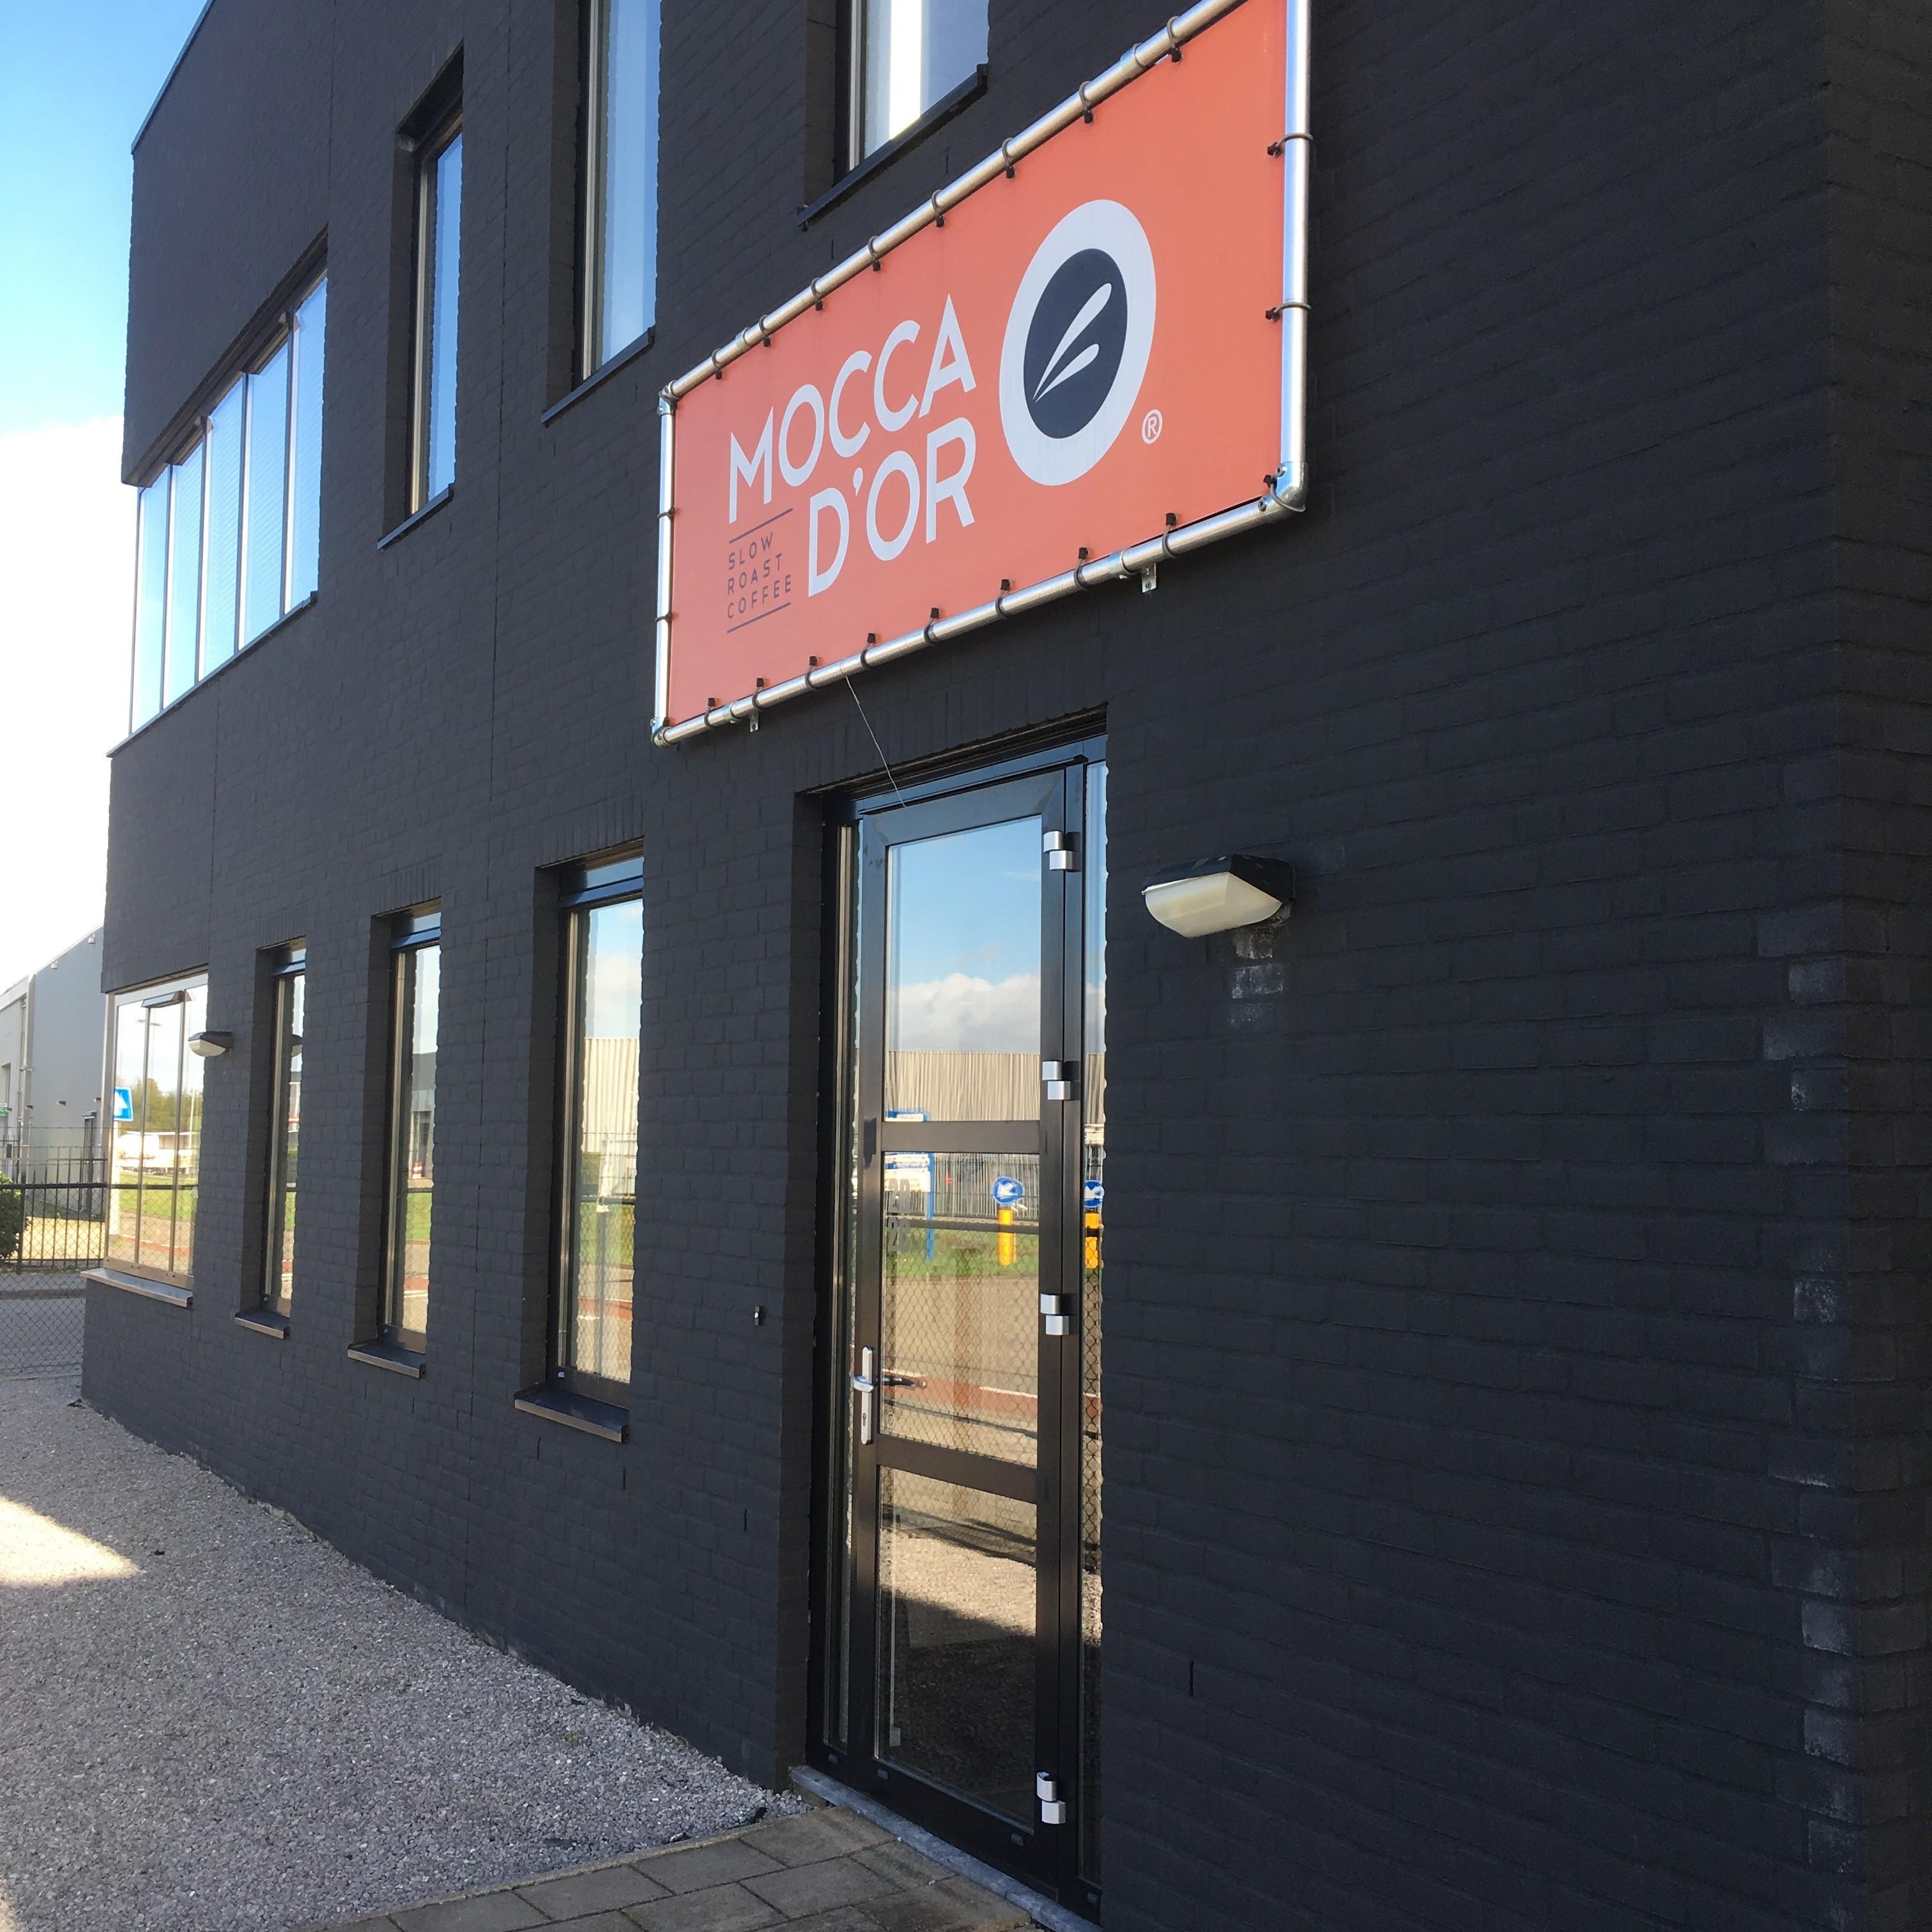 domotica Breda BELT domotica horeca Mocca Dor Koffie BELT installatietechniek